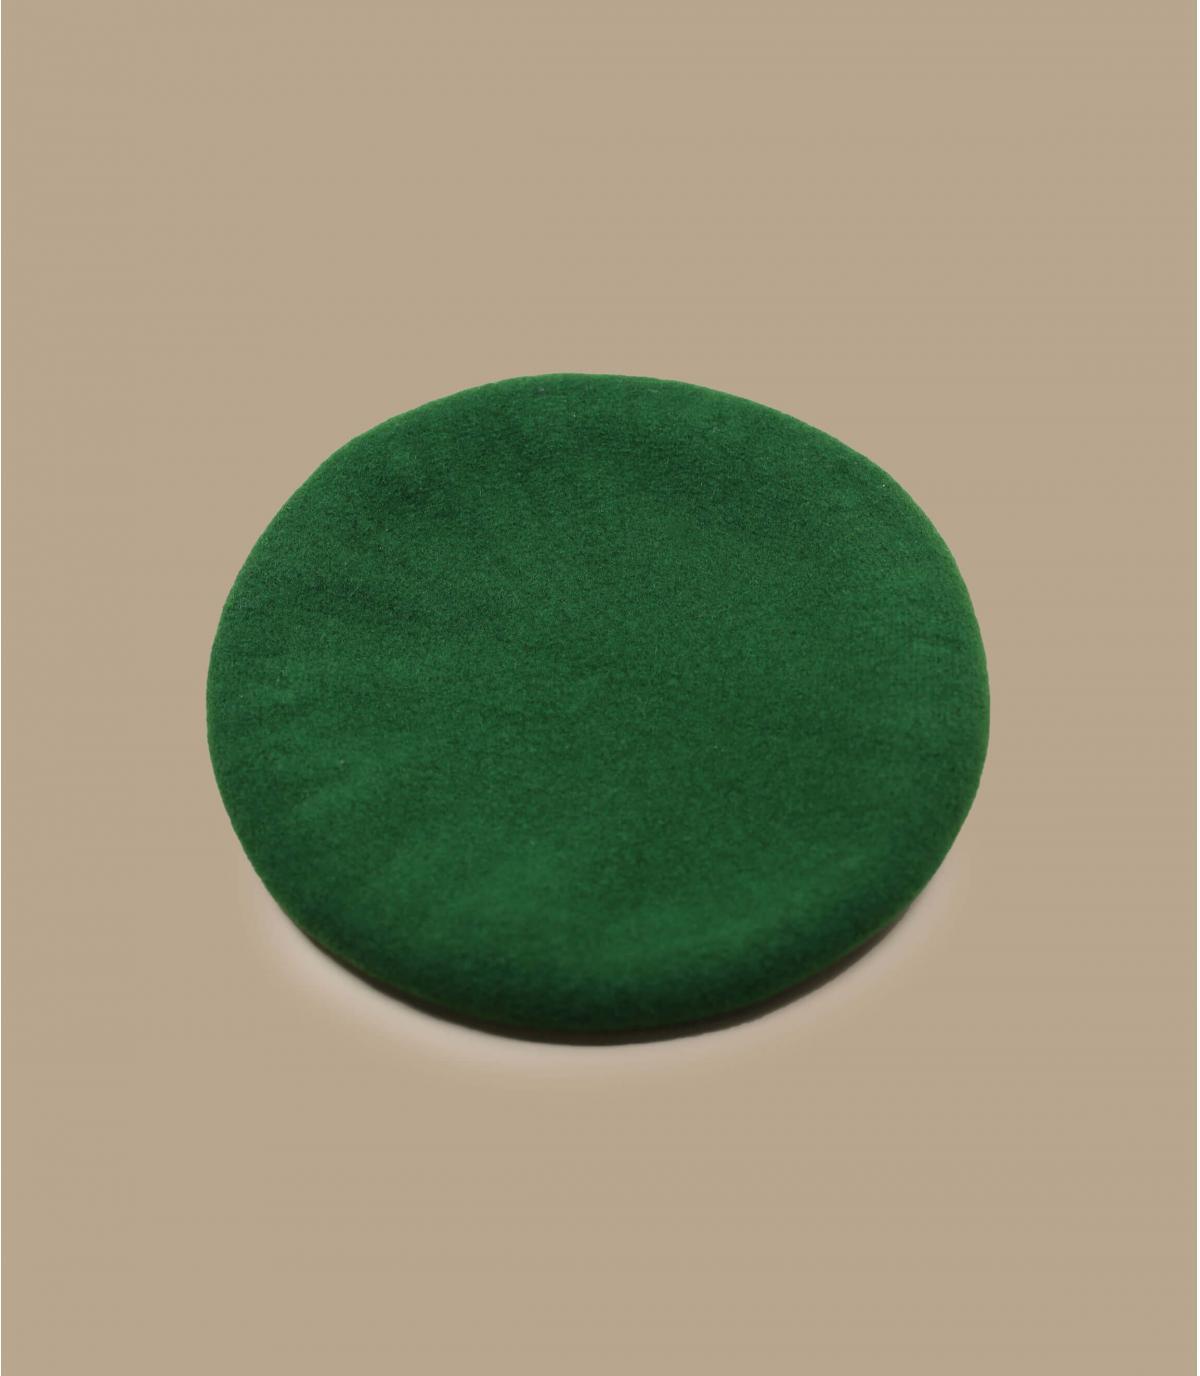 Details Béret Commando army grün - Abbildung 1